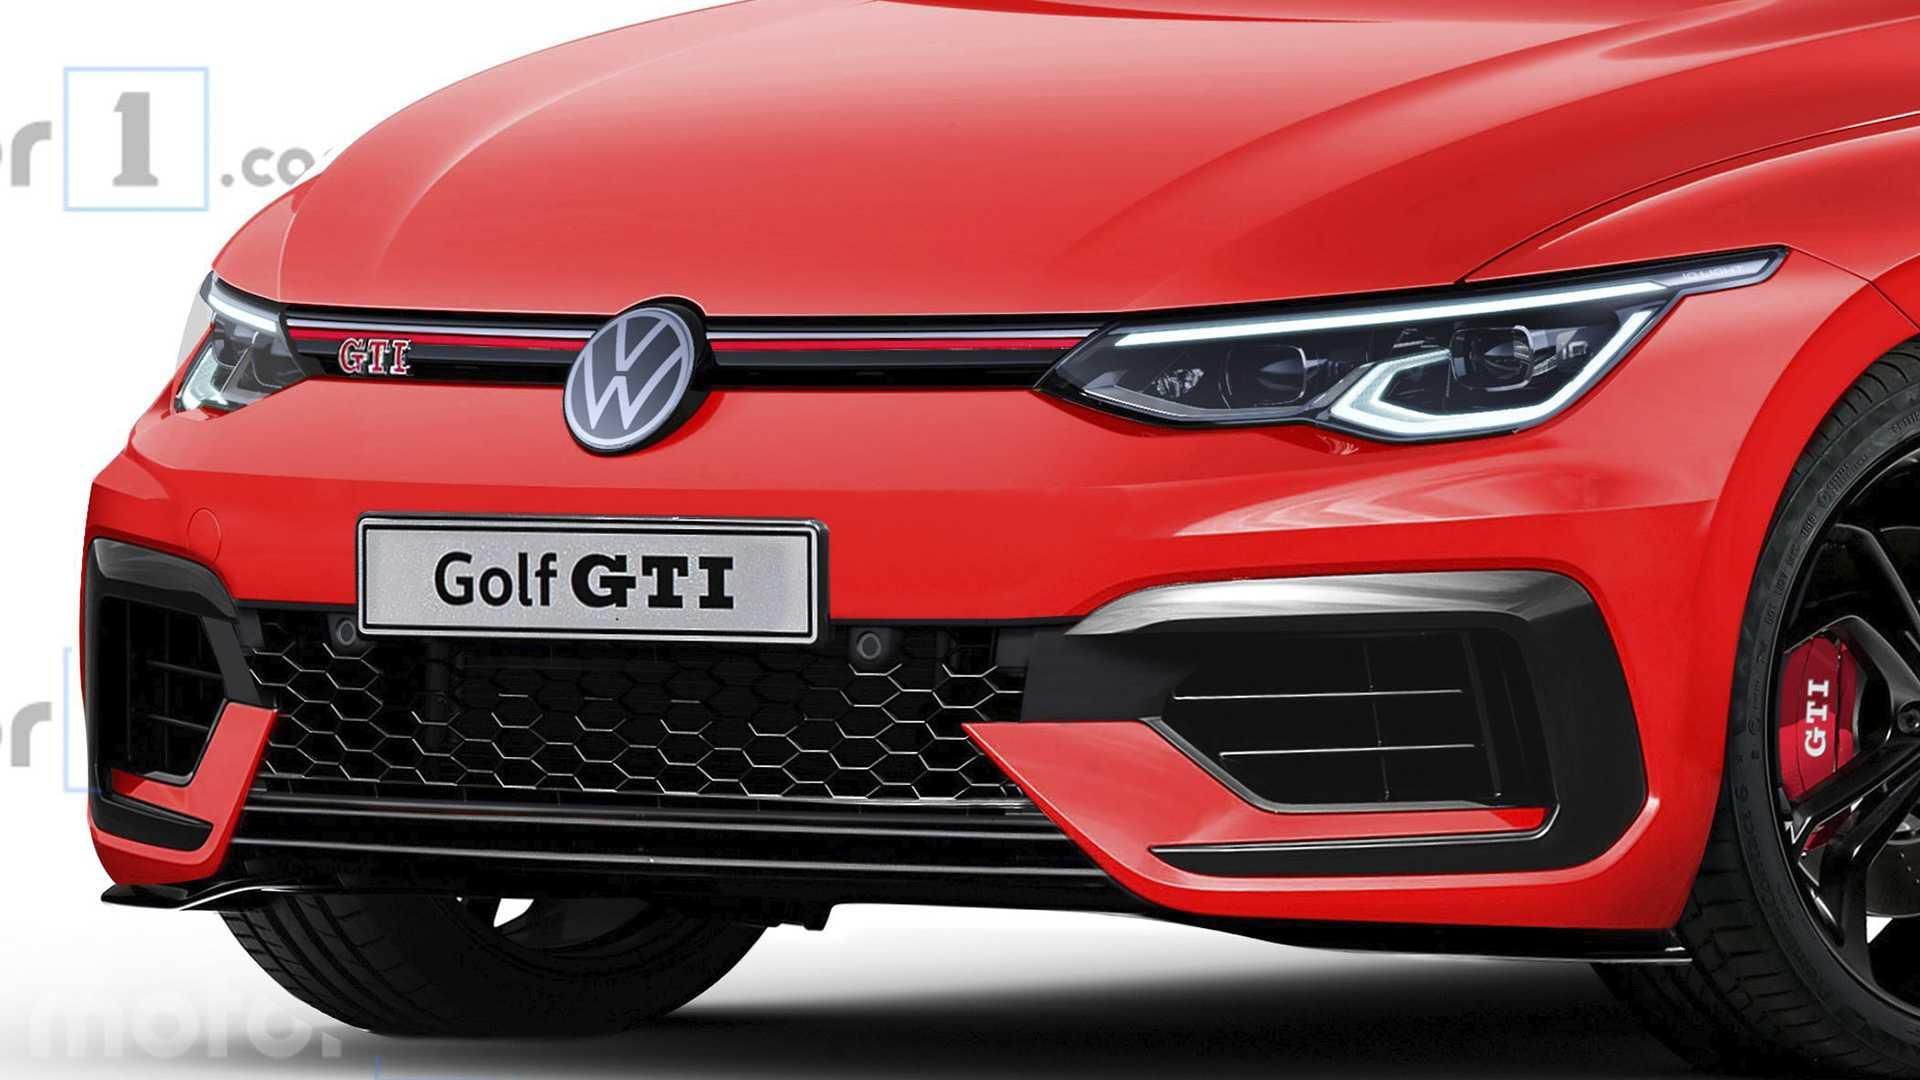 В наступившем 2020 году компания «Фольксваген» выведет на рынки много интересных моделей, в том числе Golf GTI, TCR и R. Официальных данных о них мало, но инсайдеры раскрыли кое-какие подробности.